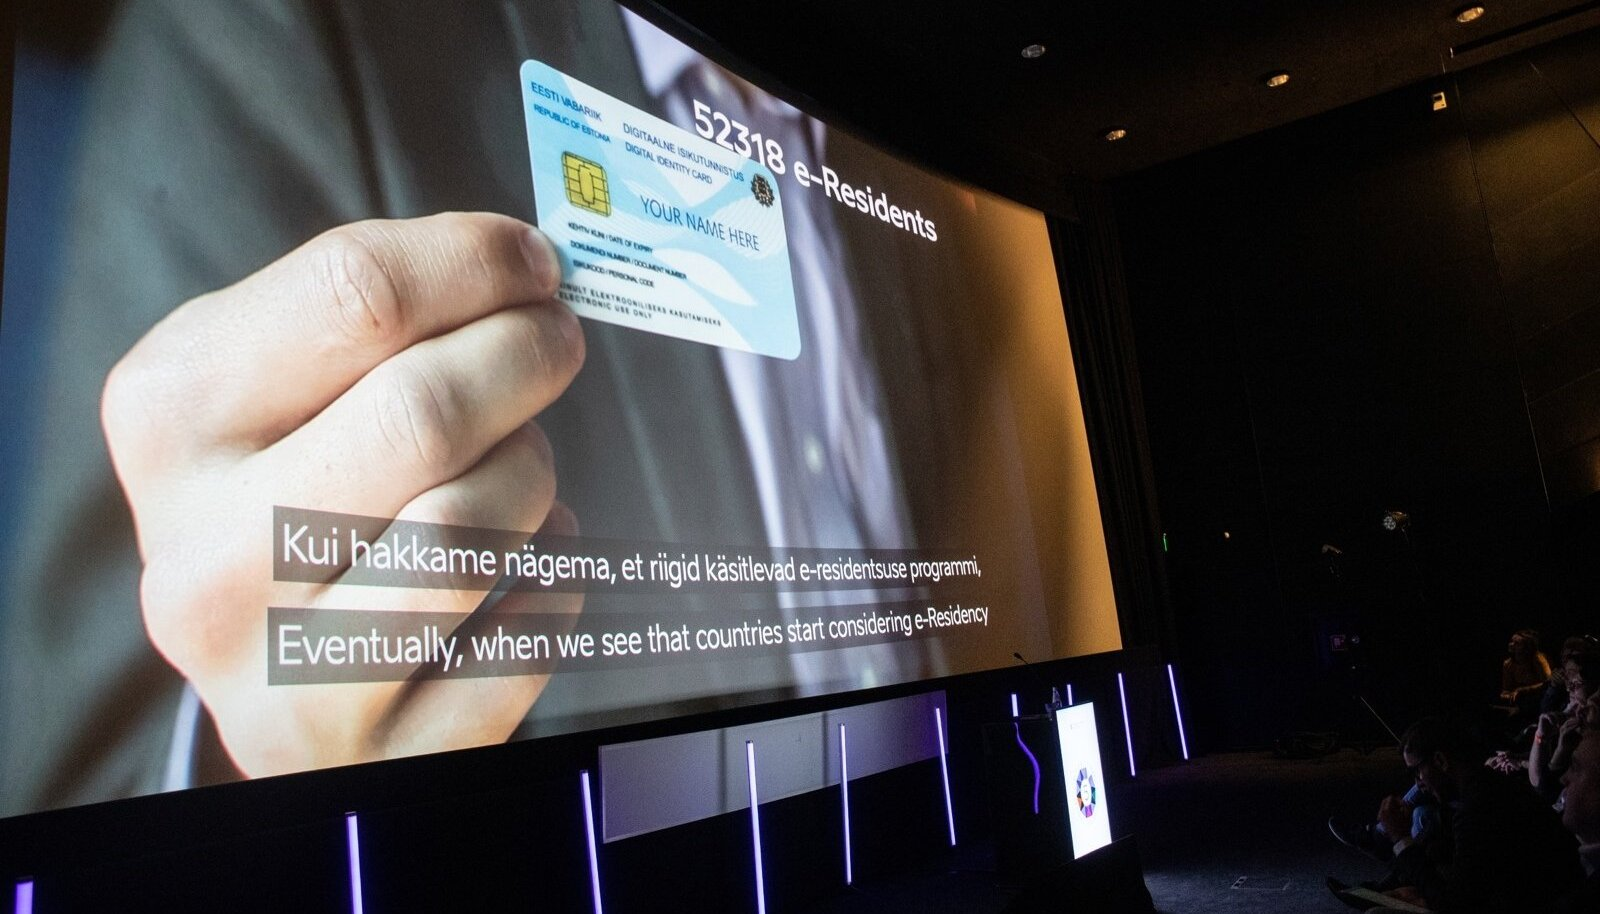 Eesti e-residentsuse viienda aastapäeva tähistamise vastuvõtt kinos Artis